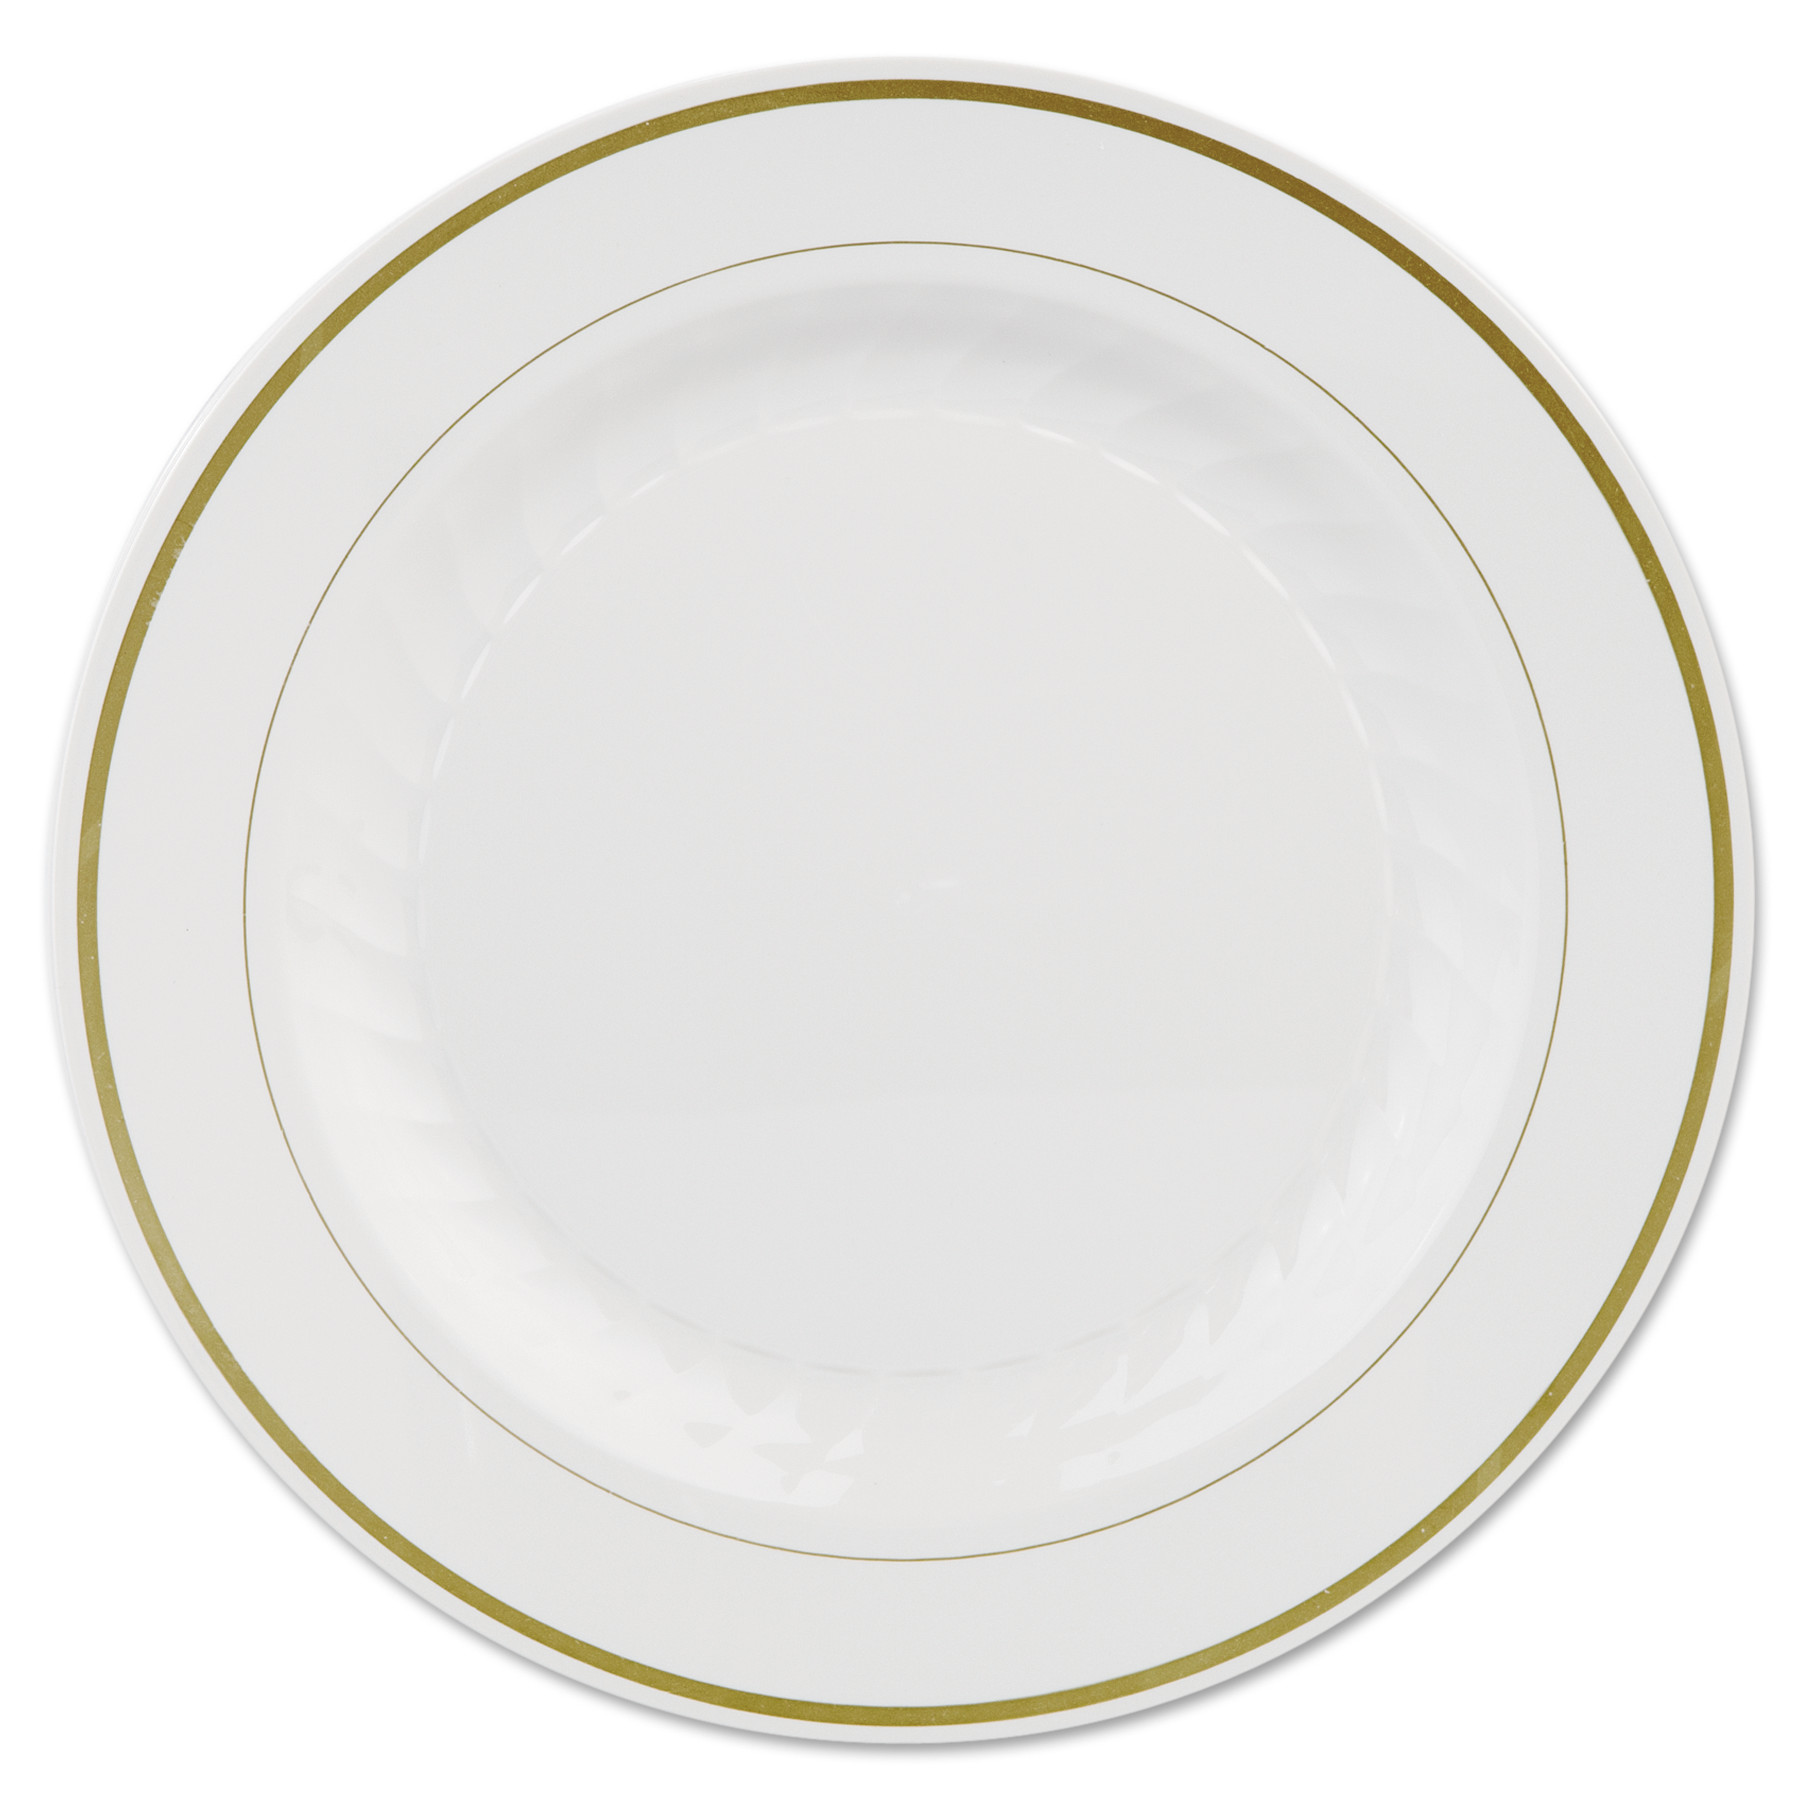 WNA Masterpiece Plastic Plates 10 1/4in Ivory w/Gold Accents Round - Walmart.com  sc 1 st  Walmart & WNA Masterpiece Plastic Plates 10 1/4in Ivory w/Gold Accents ...